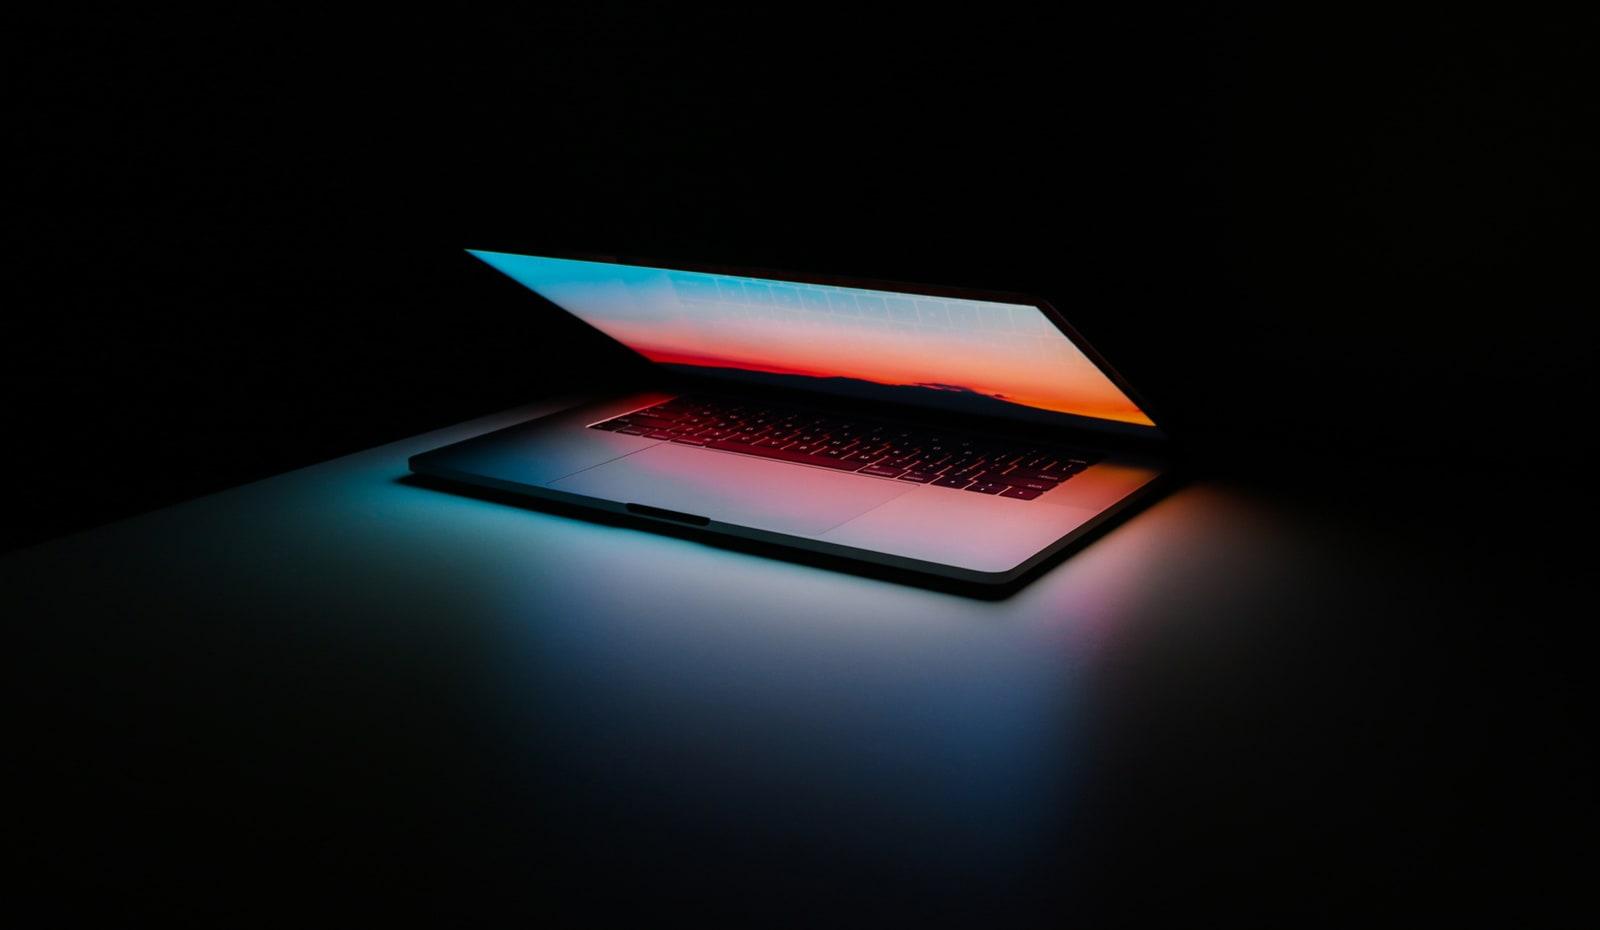 Estos son los 5 ataques cibernéticos a empresas más frecuentes